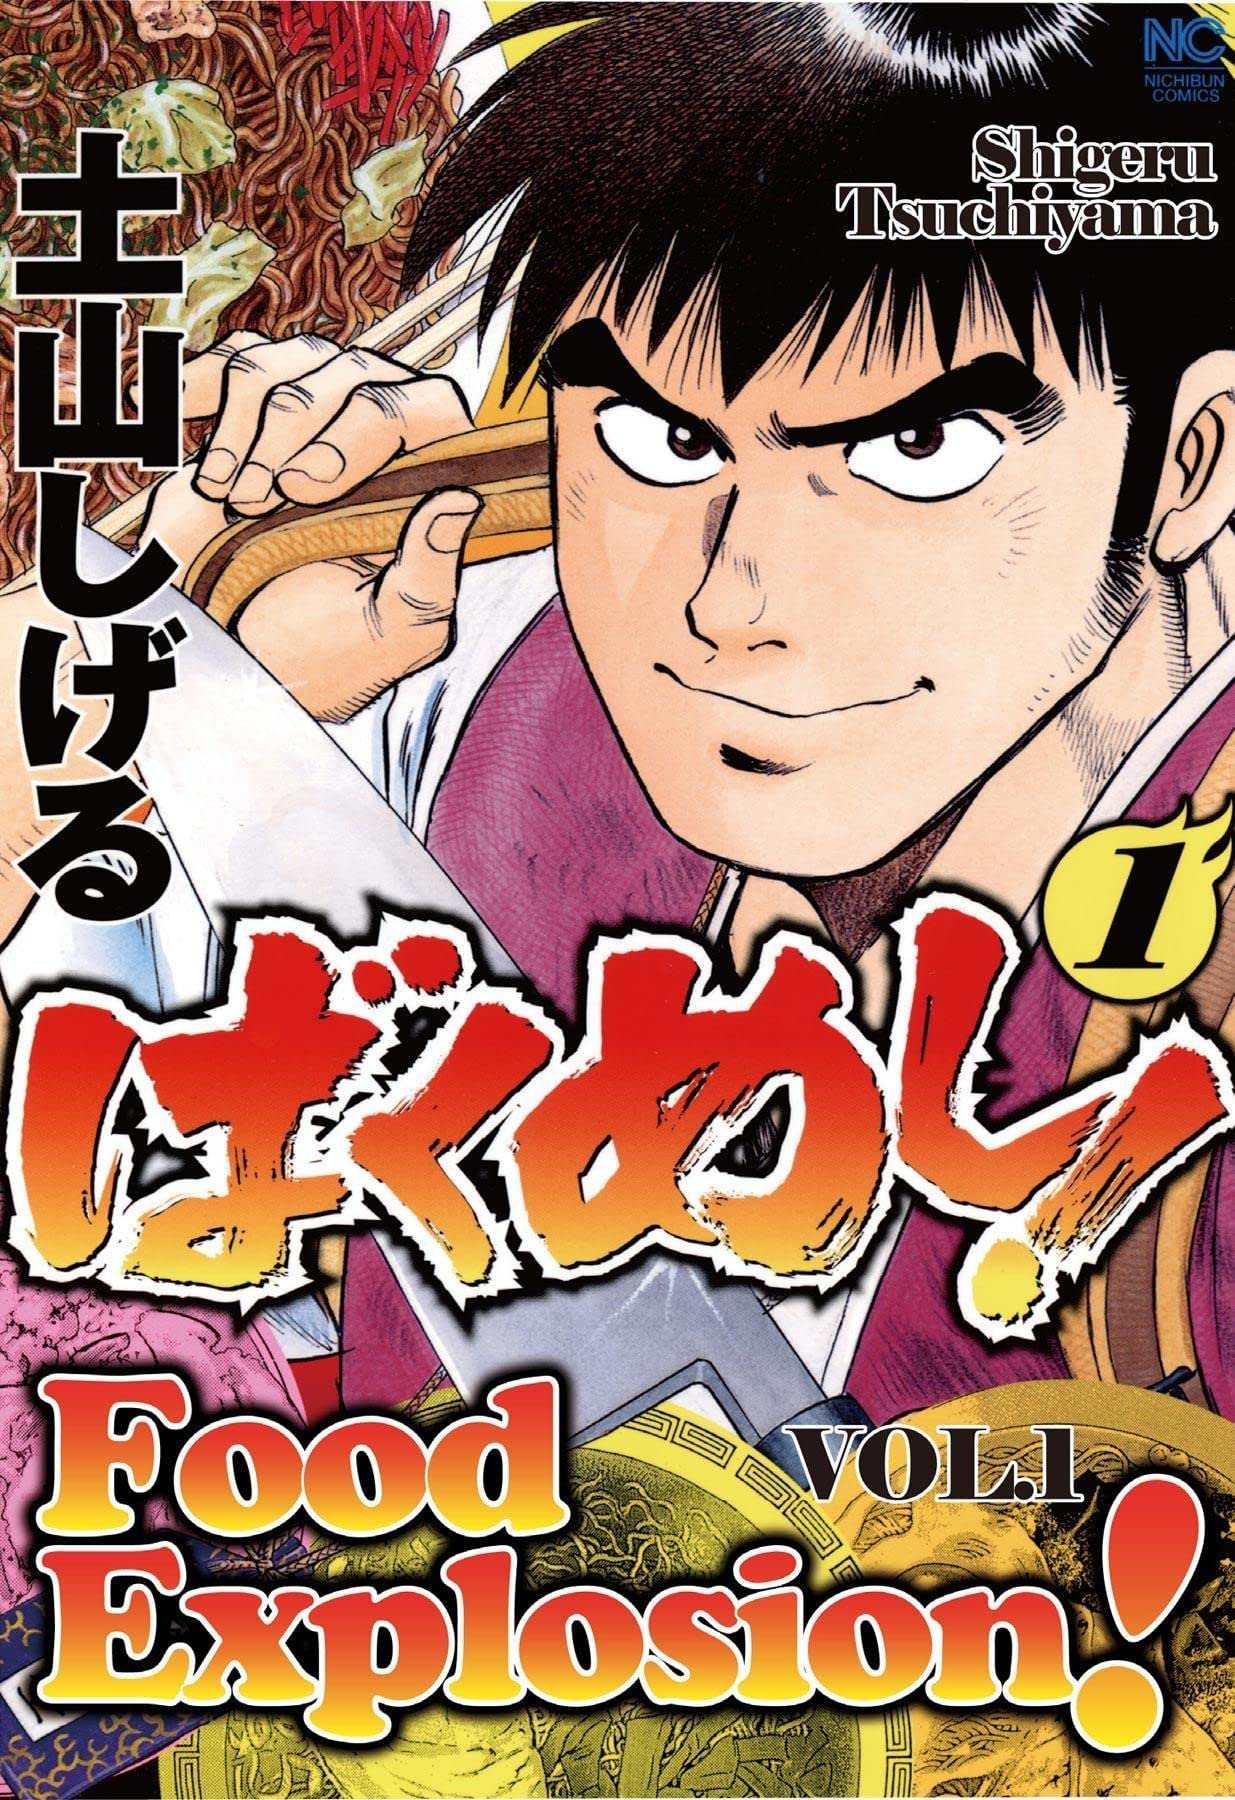 FOOD EXPLOSION Vol. 1